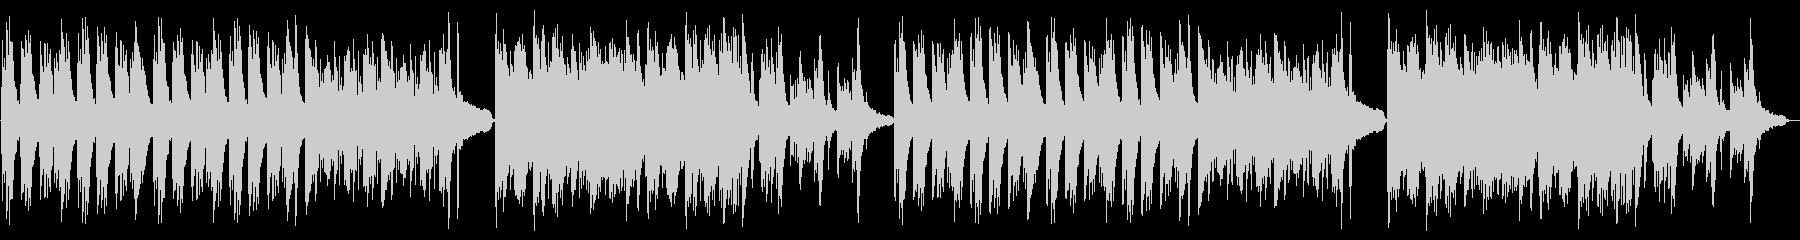 静謐な和風曲・ピアノソロの未再生の波形